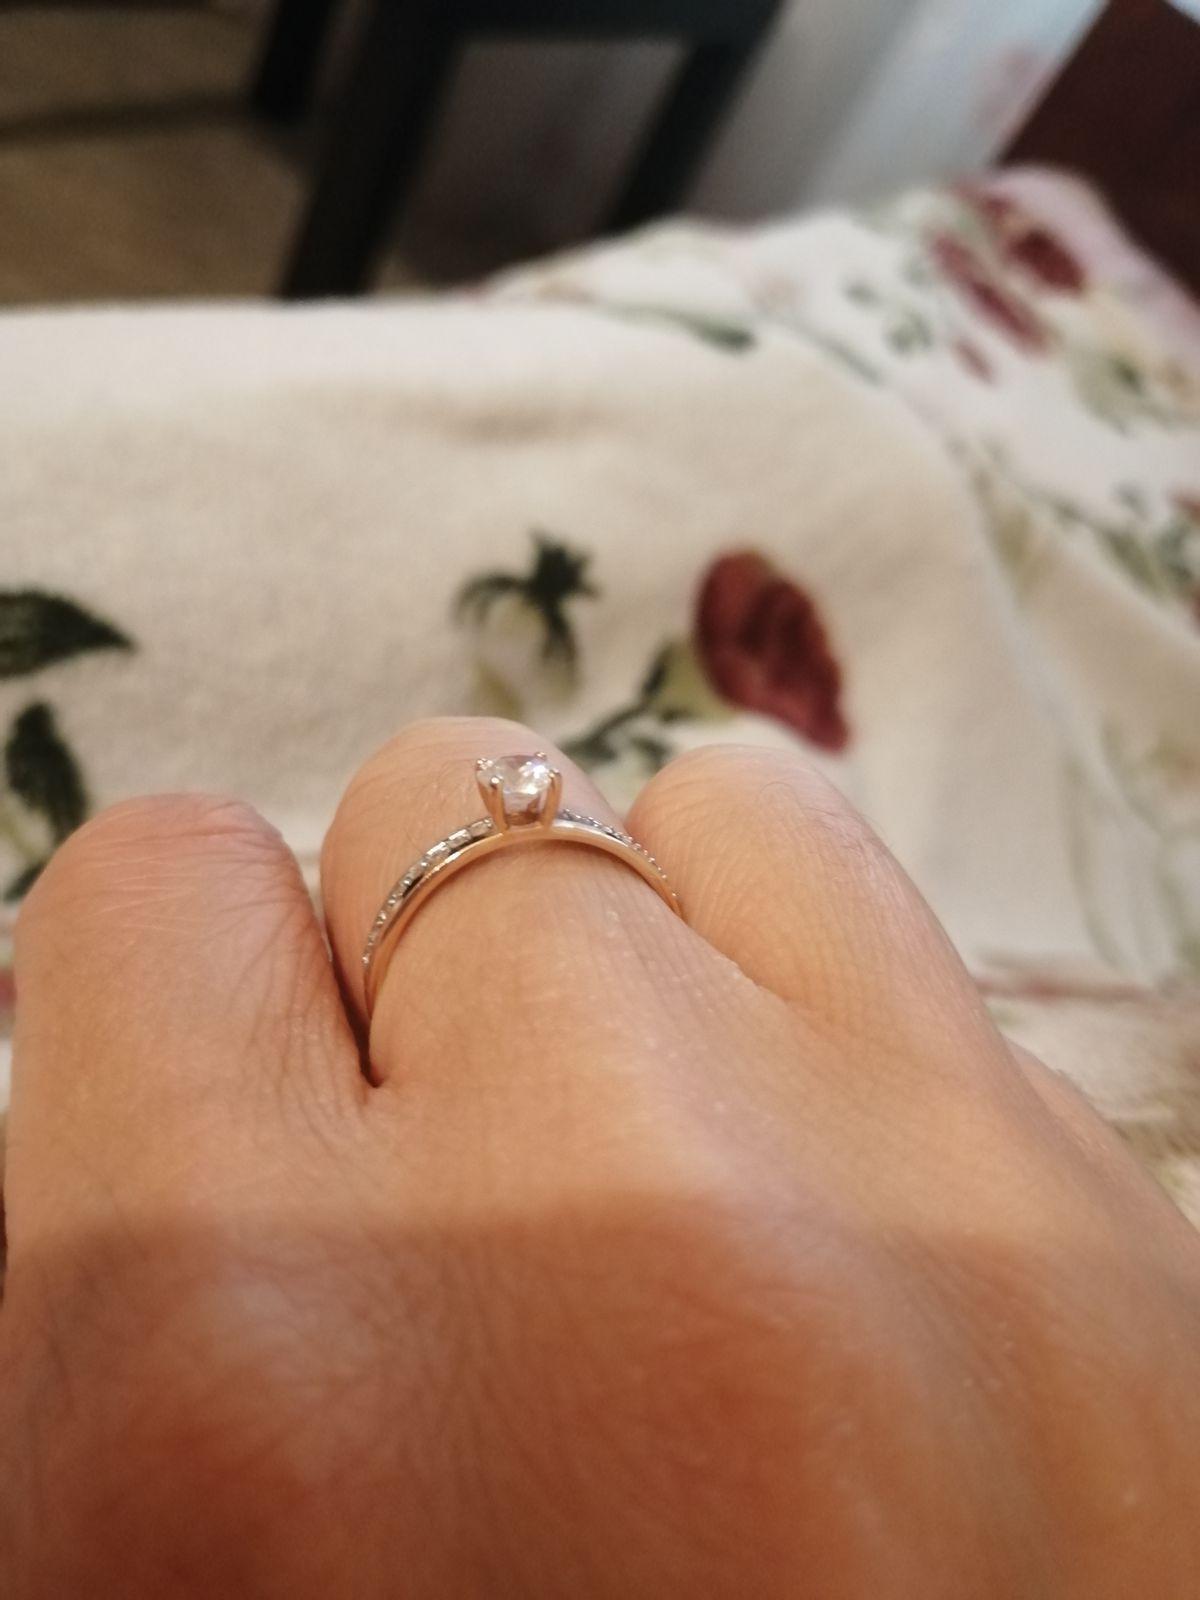 Очень красивое кольцо, которое не оставит равнодушным